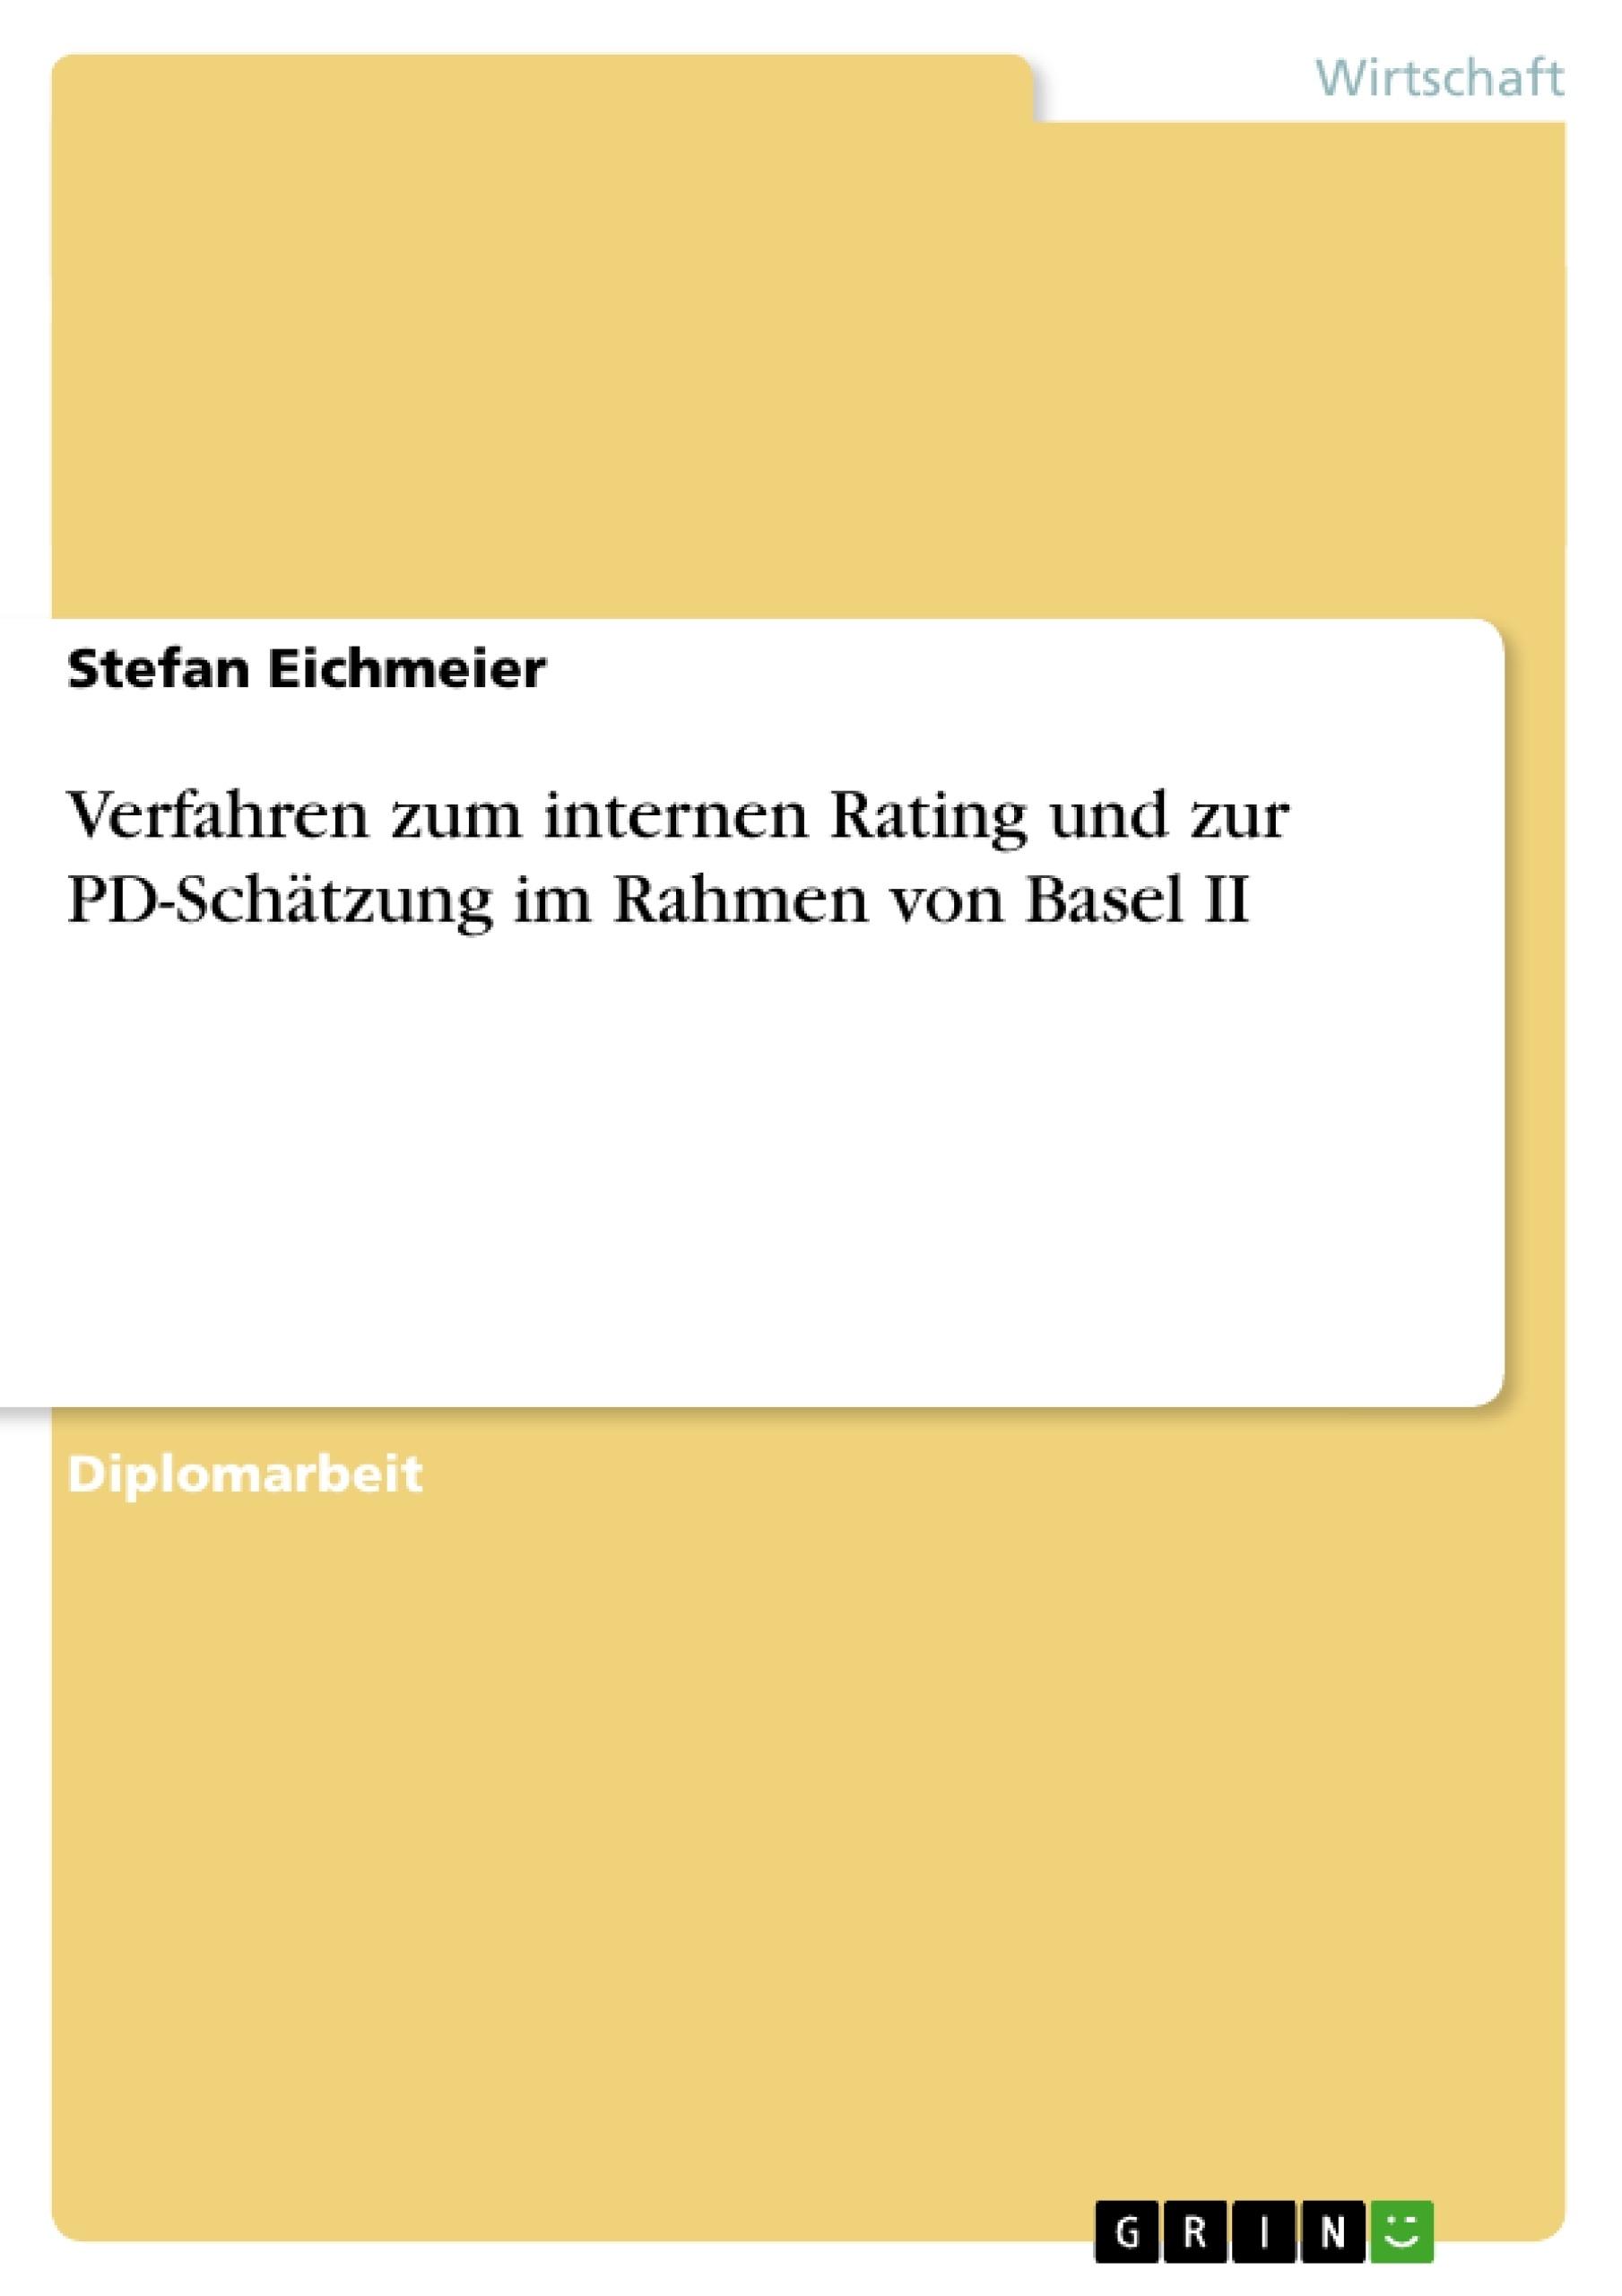 Titel: Verfahren zum internen Rating und zur PD-Schätzung im Rahmen von Basel II